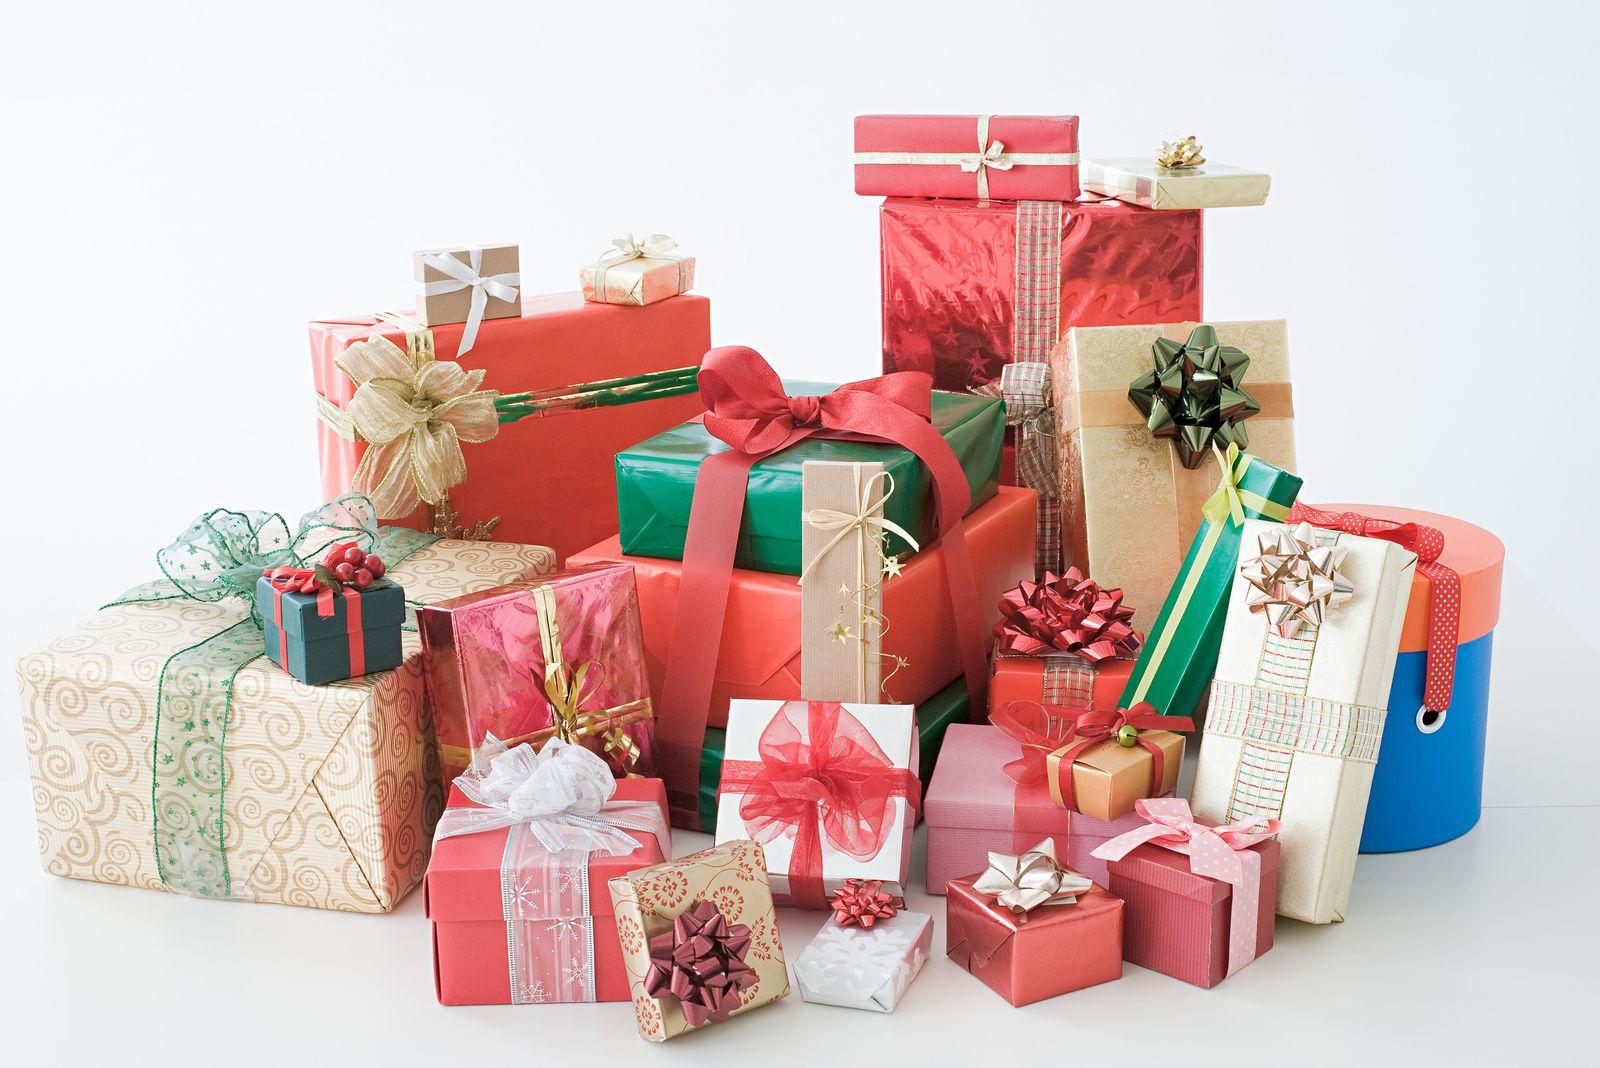 NICHT MEHR VERWENDEN! - Geschenke / Weihnachten / Berg